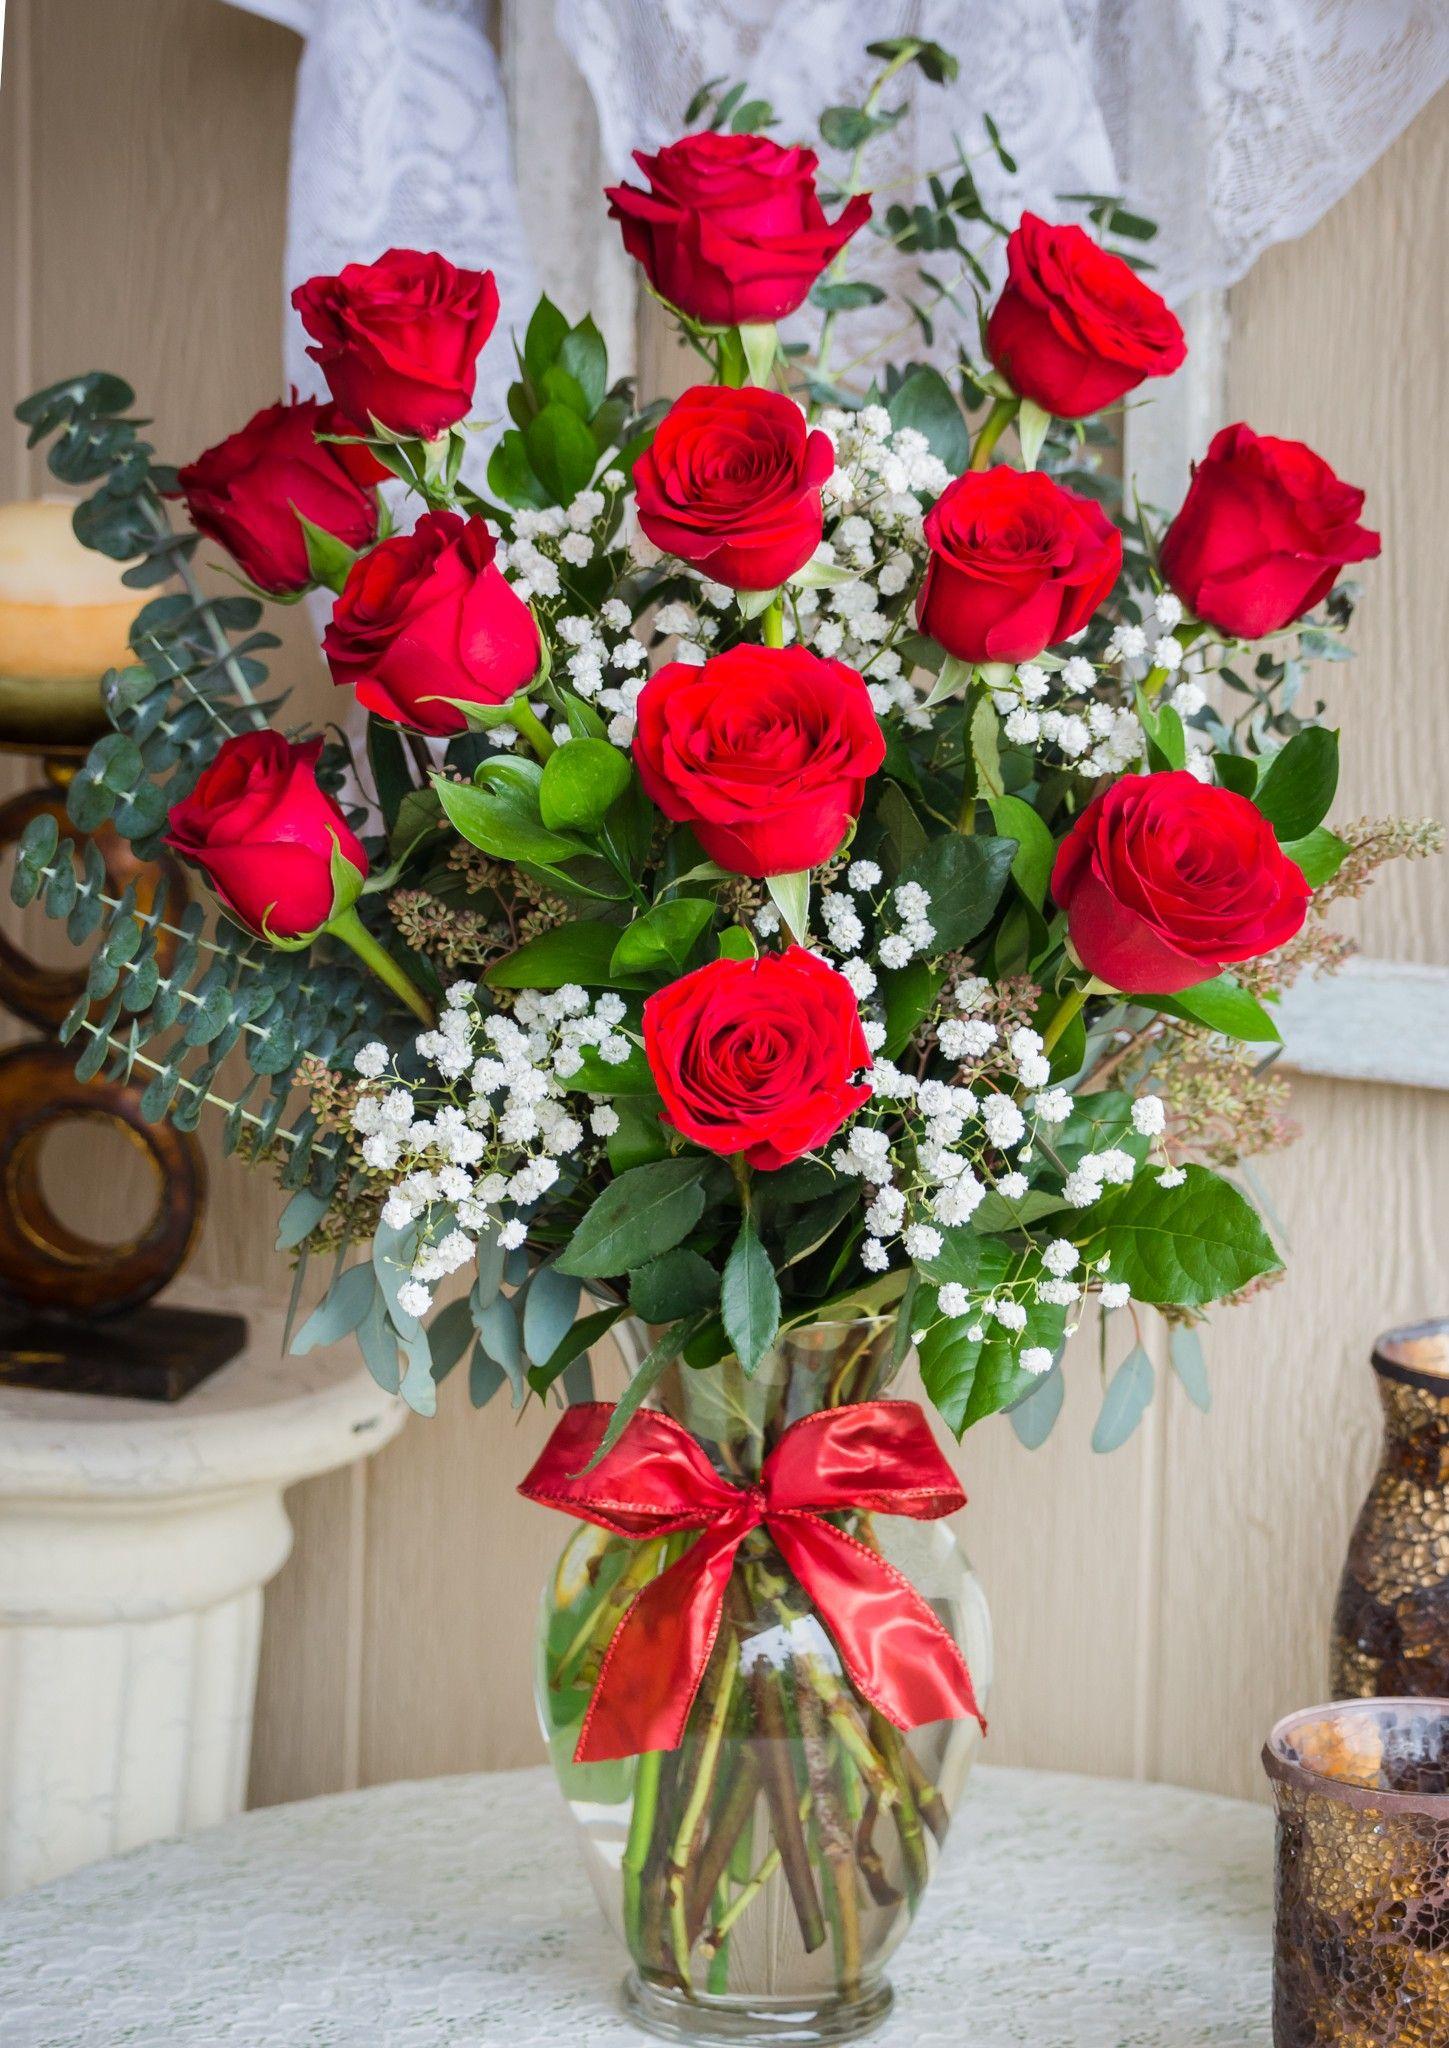 Fountain Designs Valentine flower arrangements, Red rose